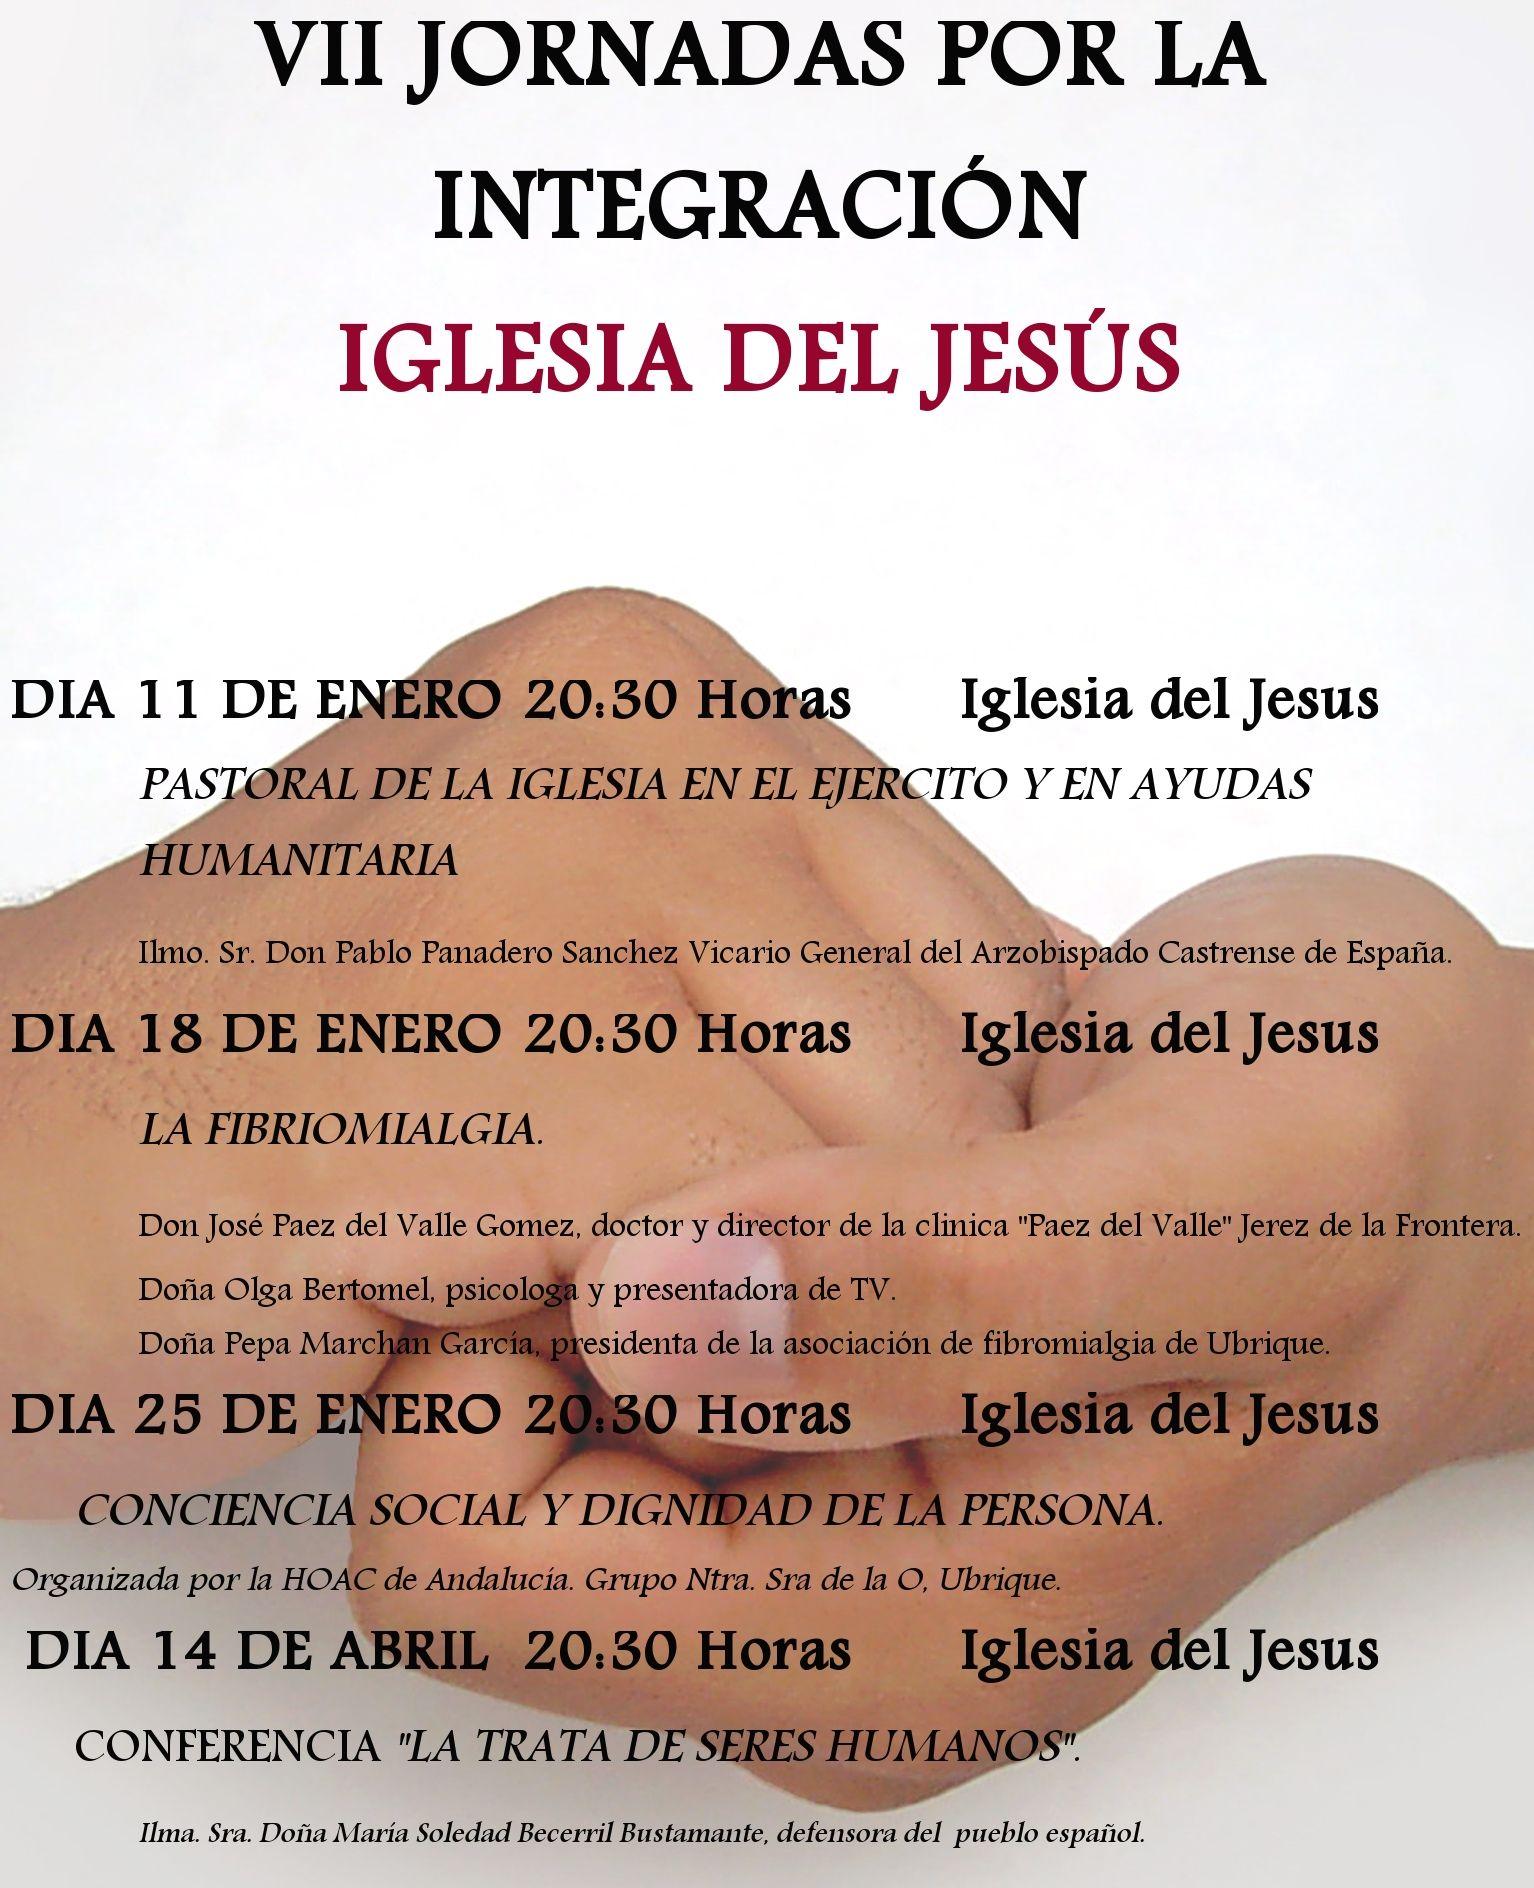 Cartel-VII-jornadas-por-la-Integración1